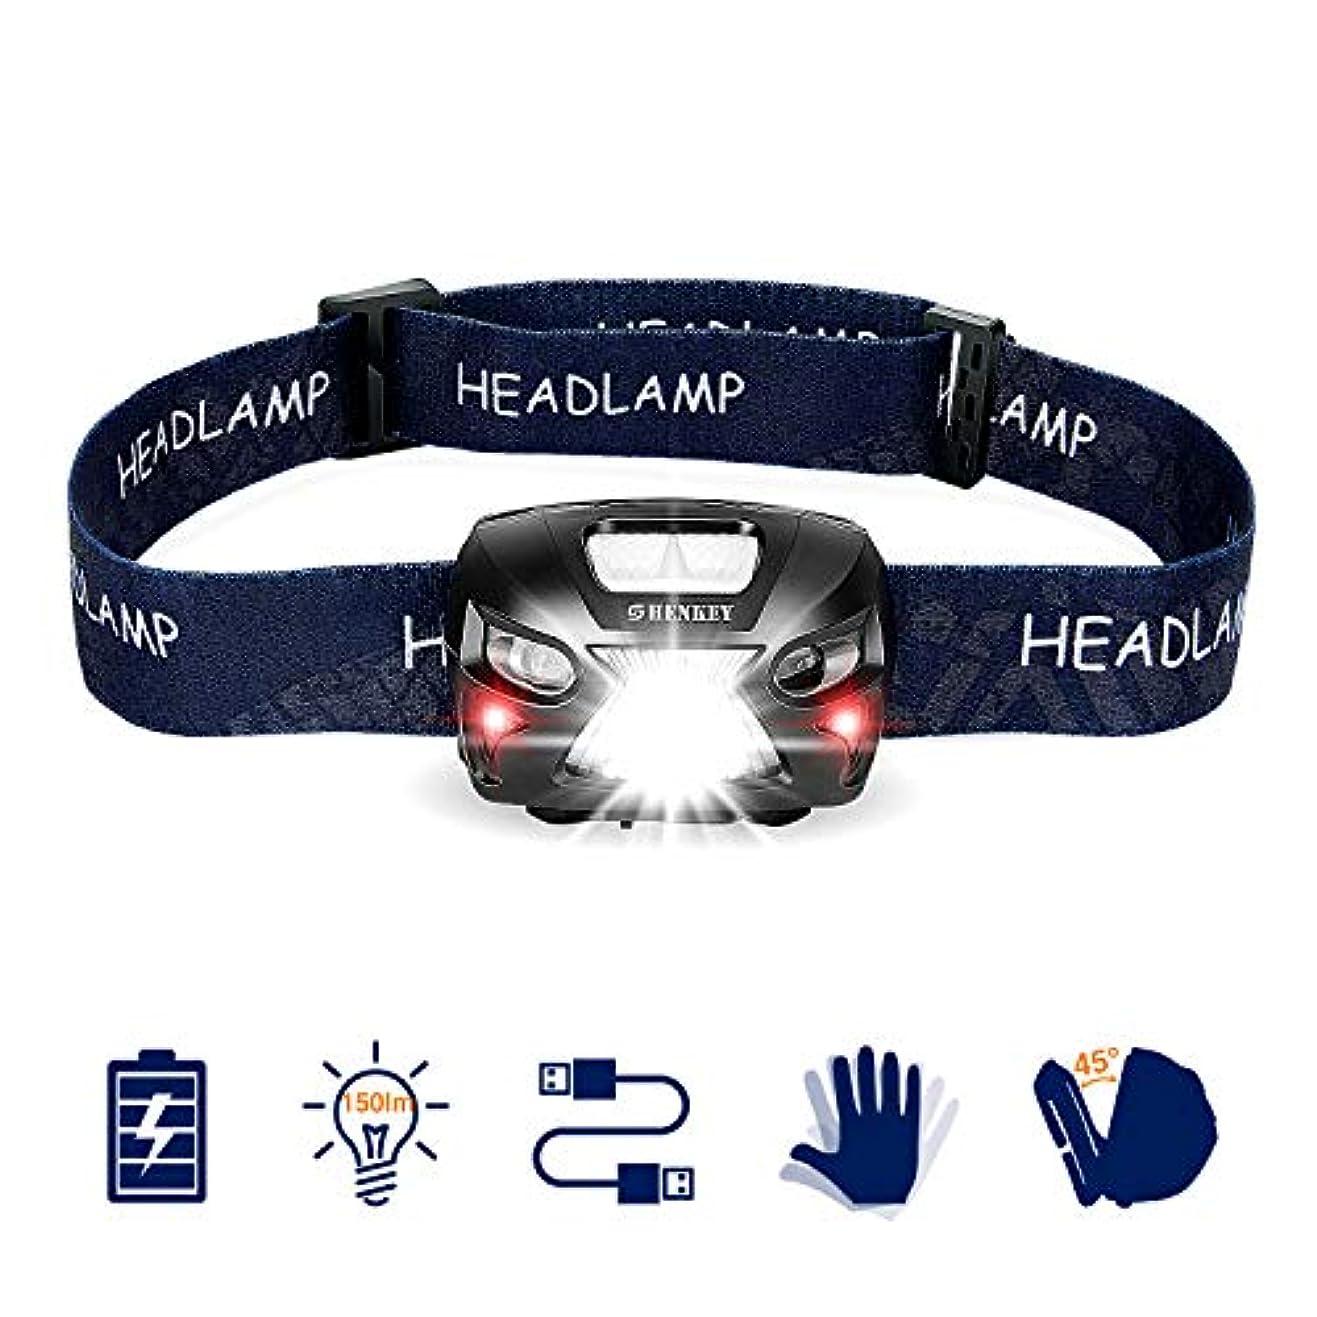 説教する筋肉のいつヘッドライト LEDヘッドランプ usb充電式 300lm/1200mah センサー機能 SOSフラッシュ機能 小型軽量 IXP4防水 防災/作業用 耐衝撃(12ヶ月の安心保証)